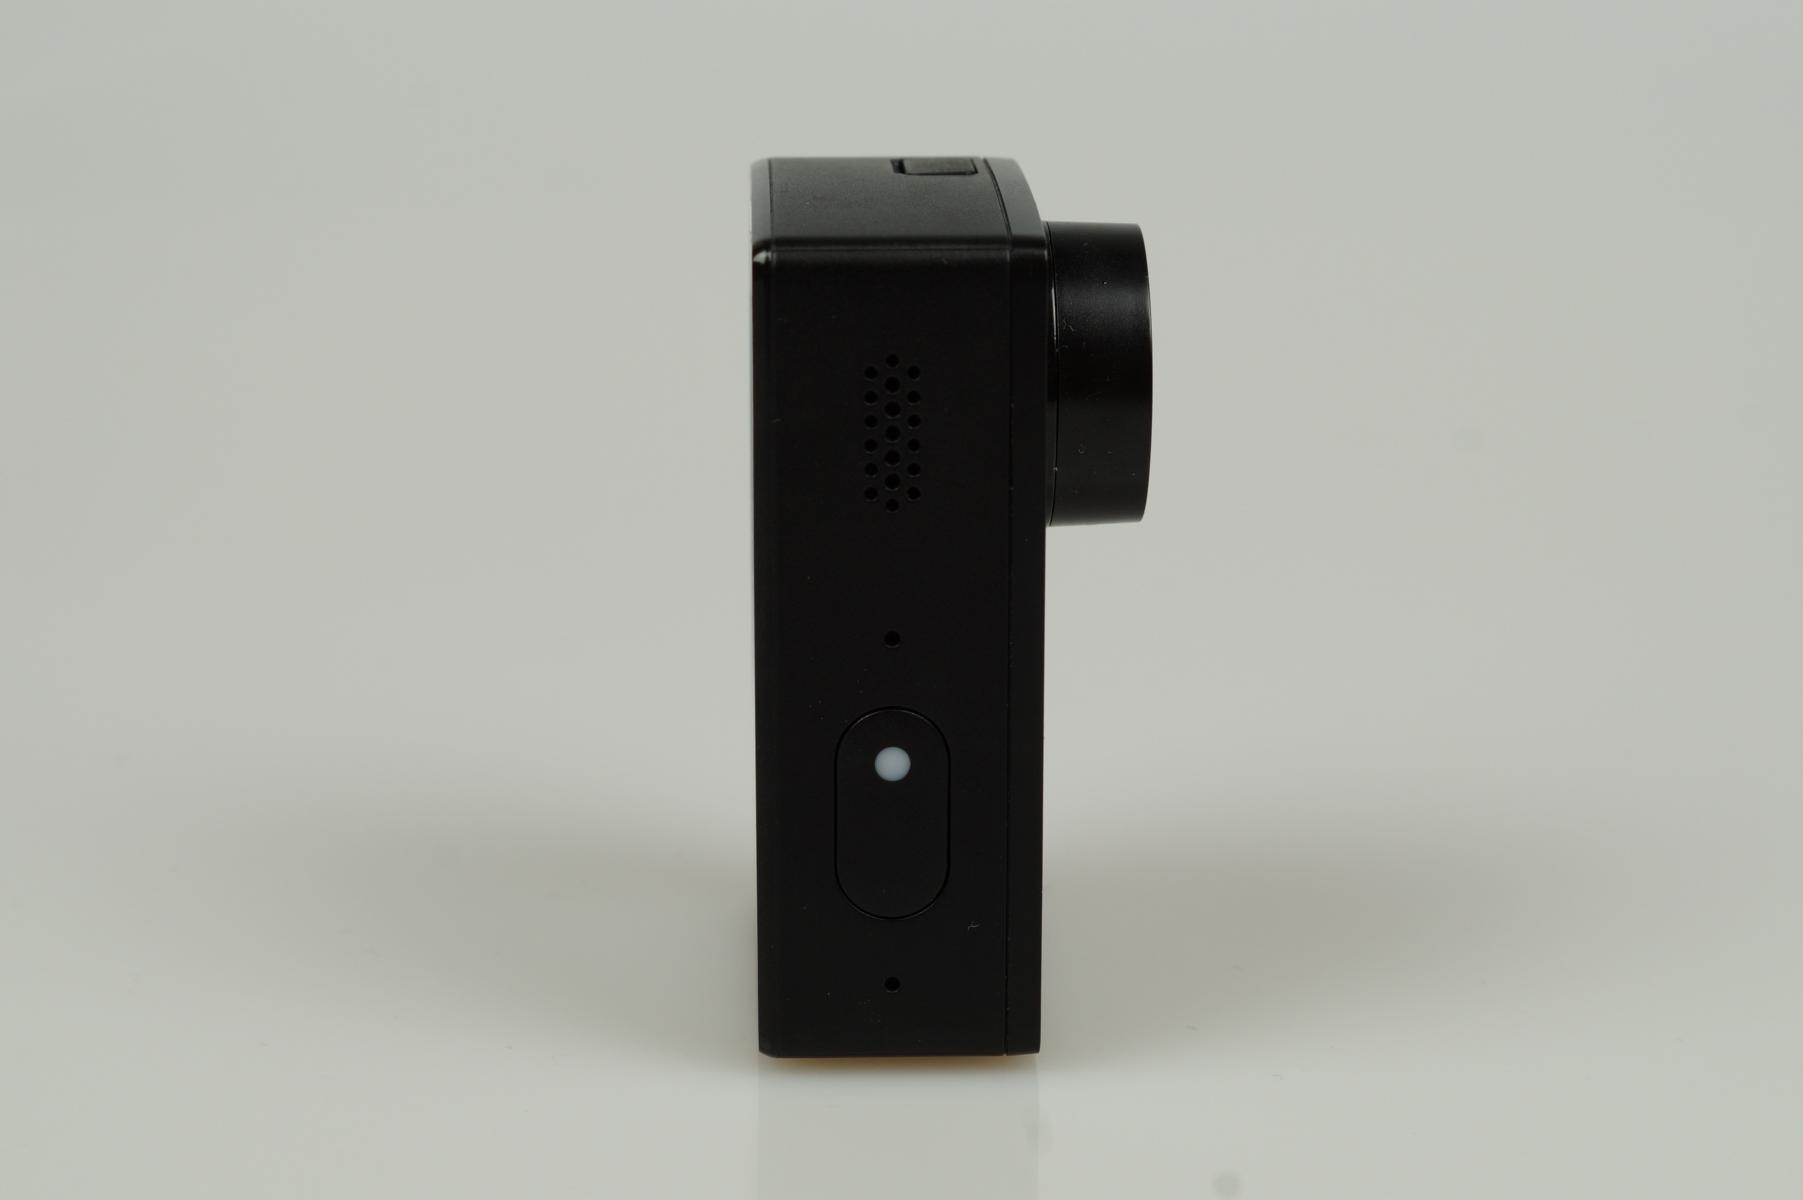 xiaomi yi 2 im test die beste action kamera auf dem markt. Black Bedroom Furniture Sets. Home Design Ideas